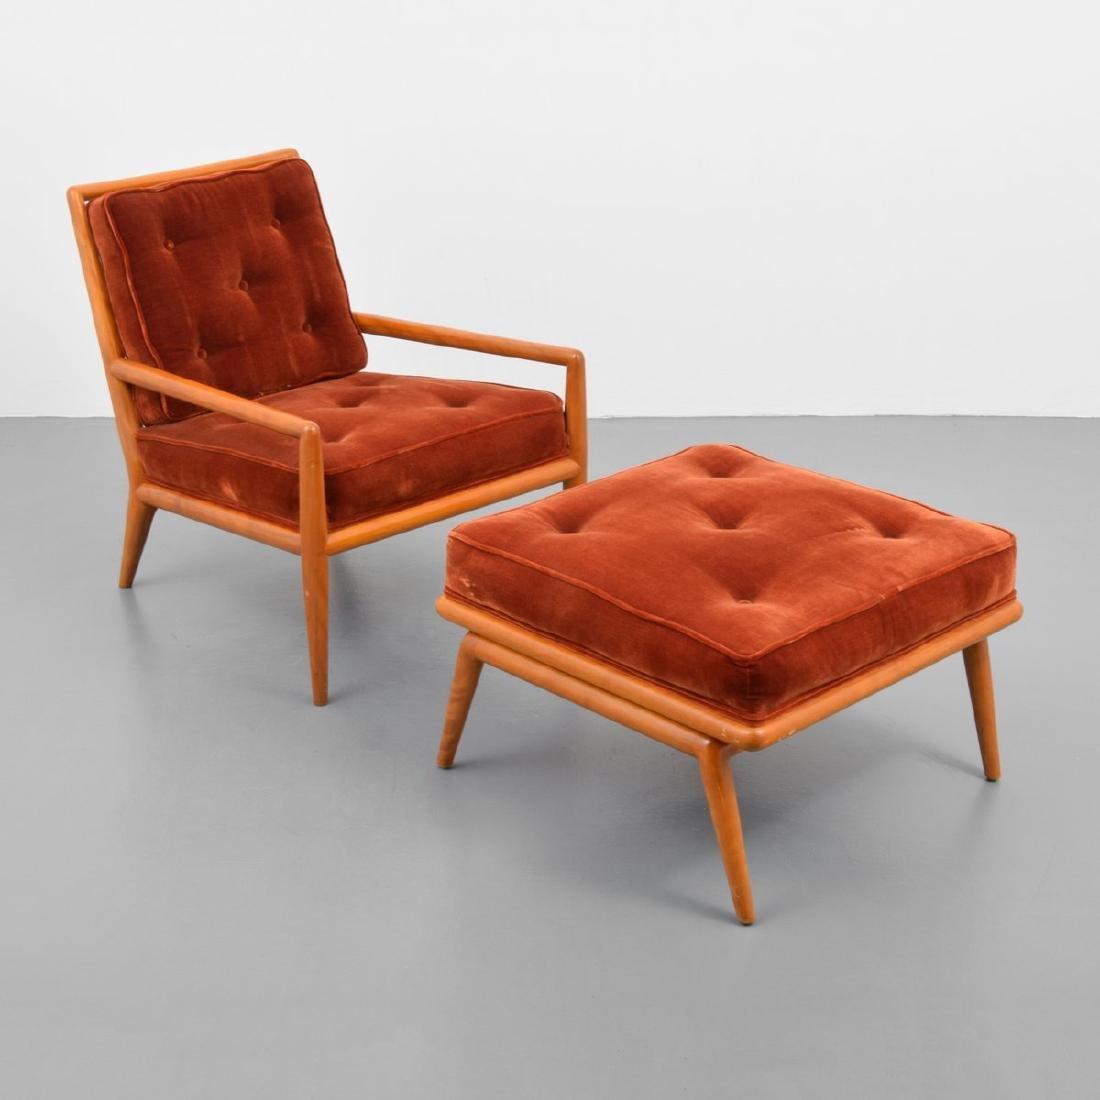 T.H. Robsjohn-Gibbings Lounge Chair & Ottoman